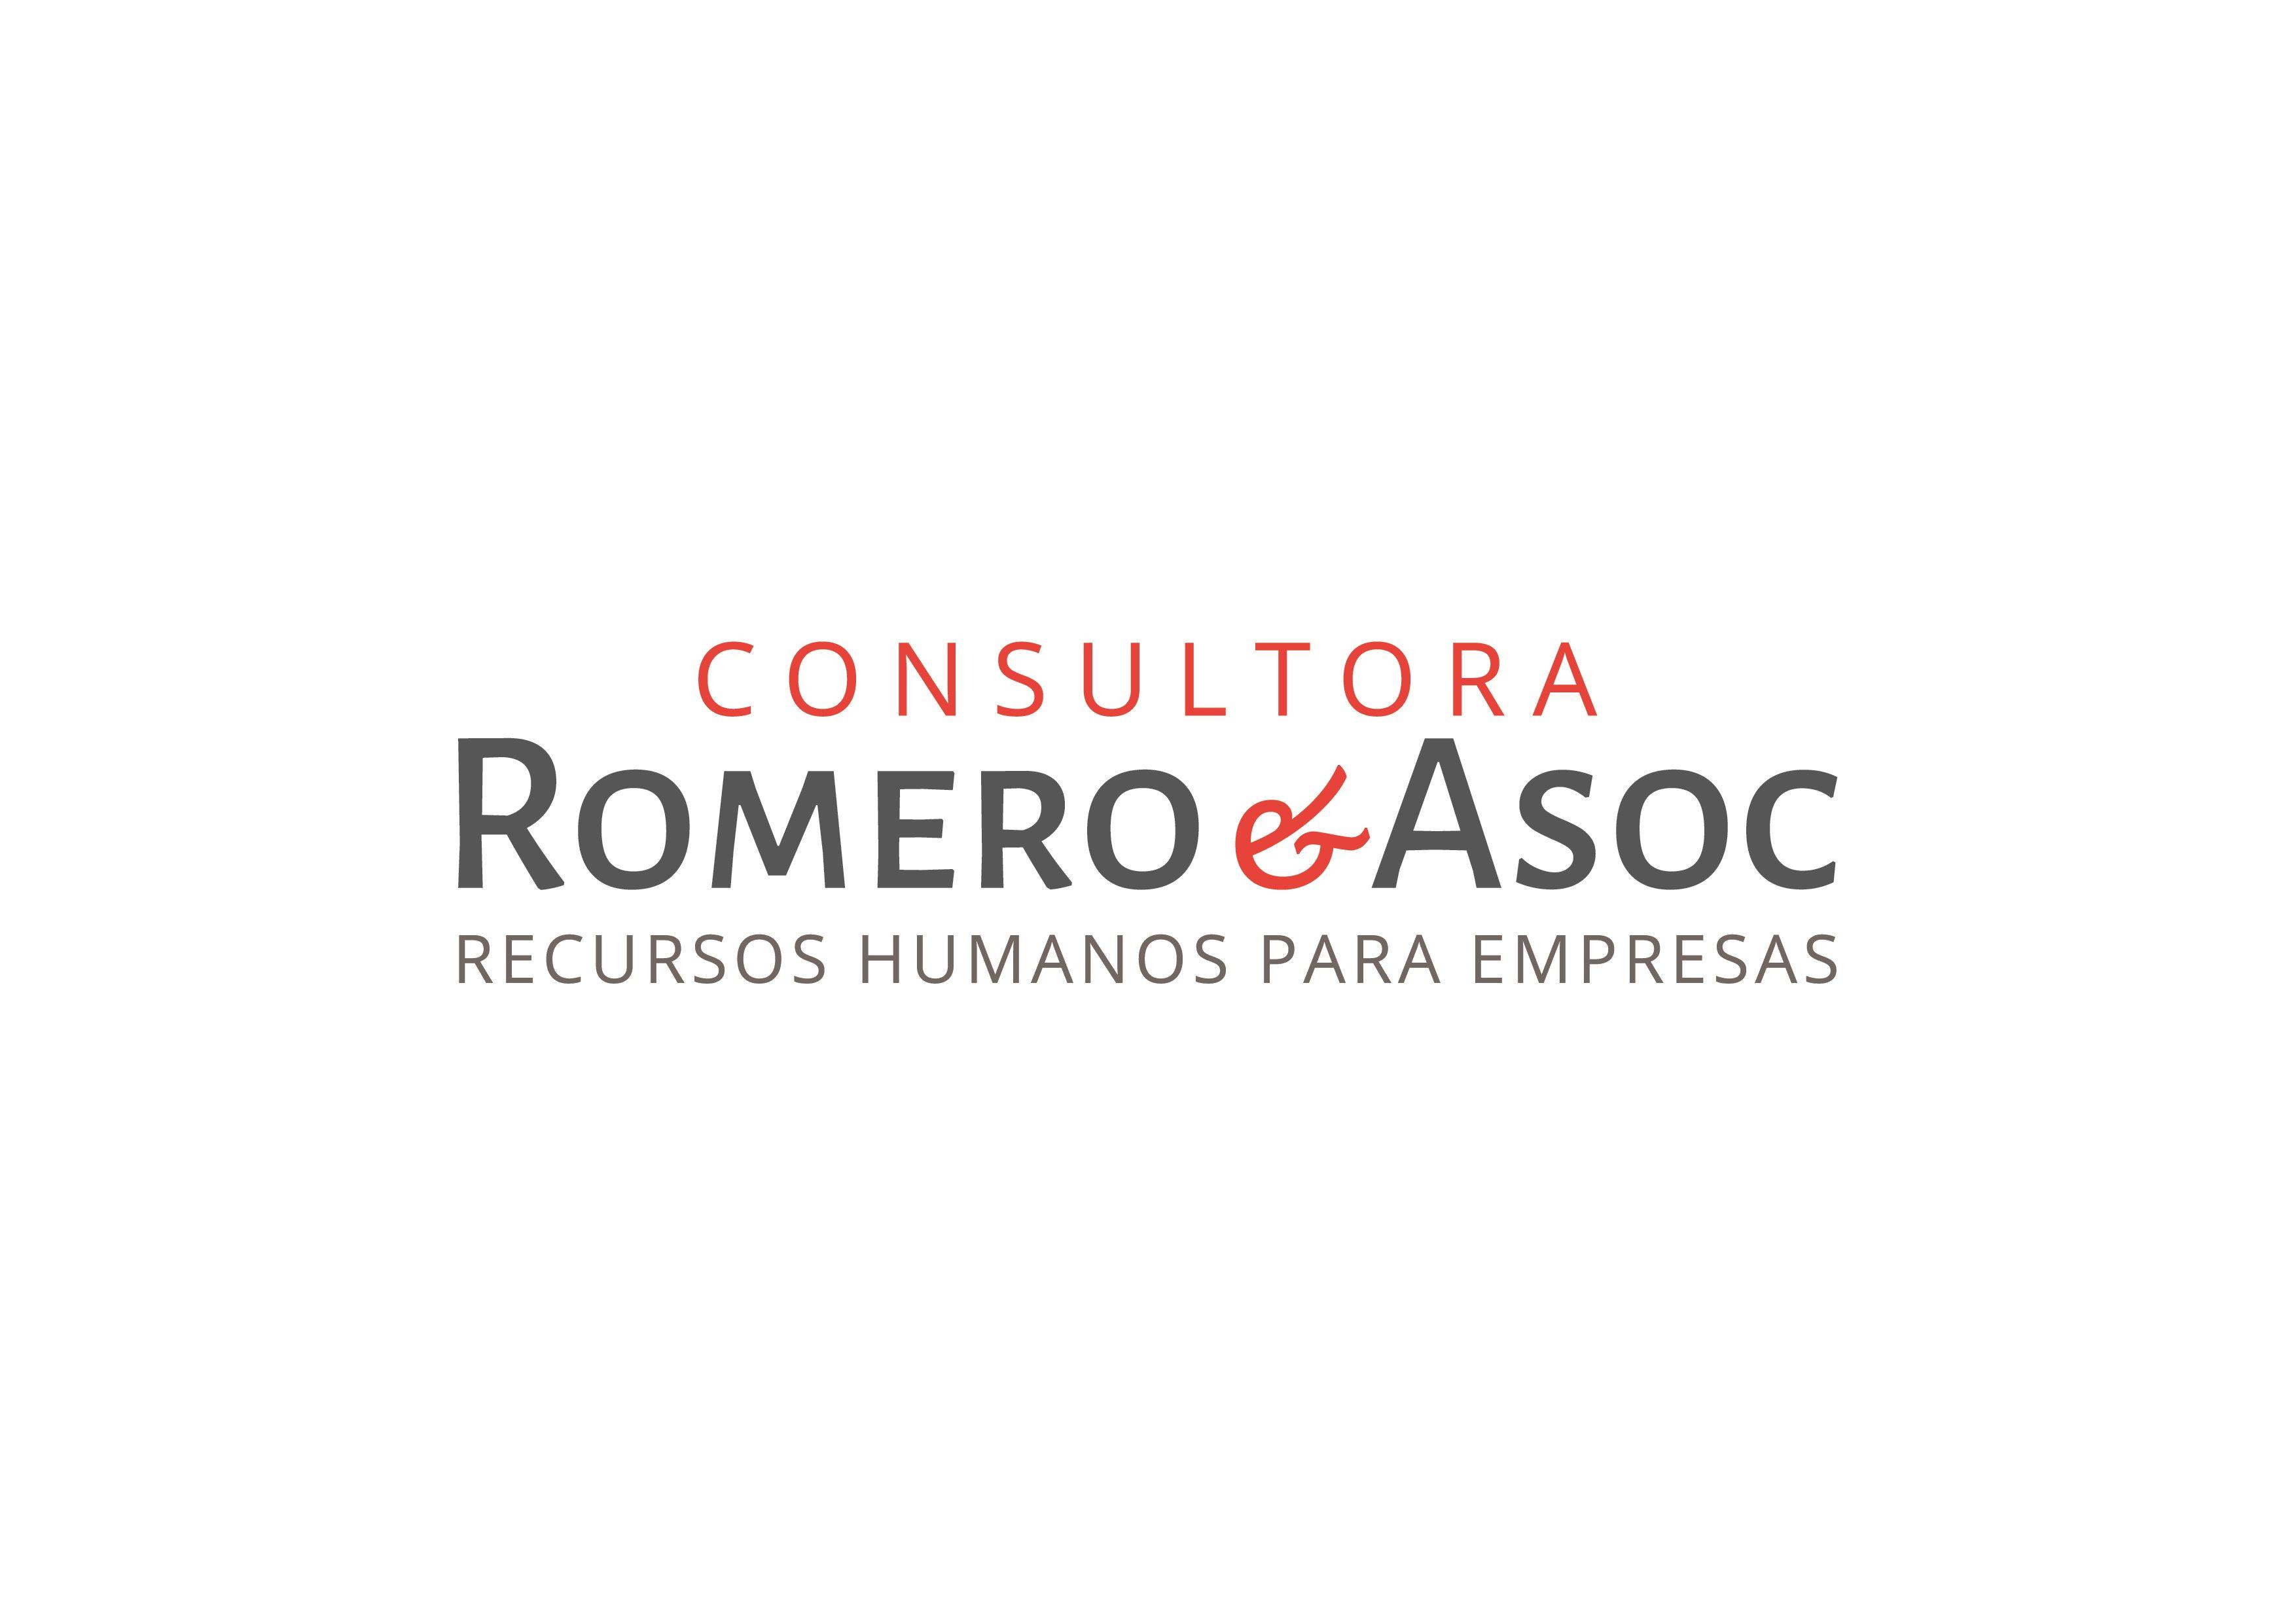 Ofertas de trabajo de Gerente de recursos humanos | CompuTrabajo